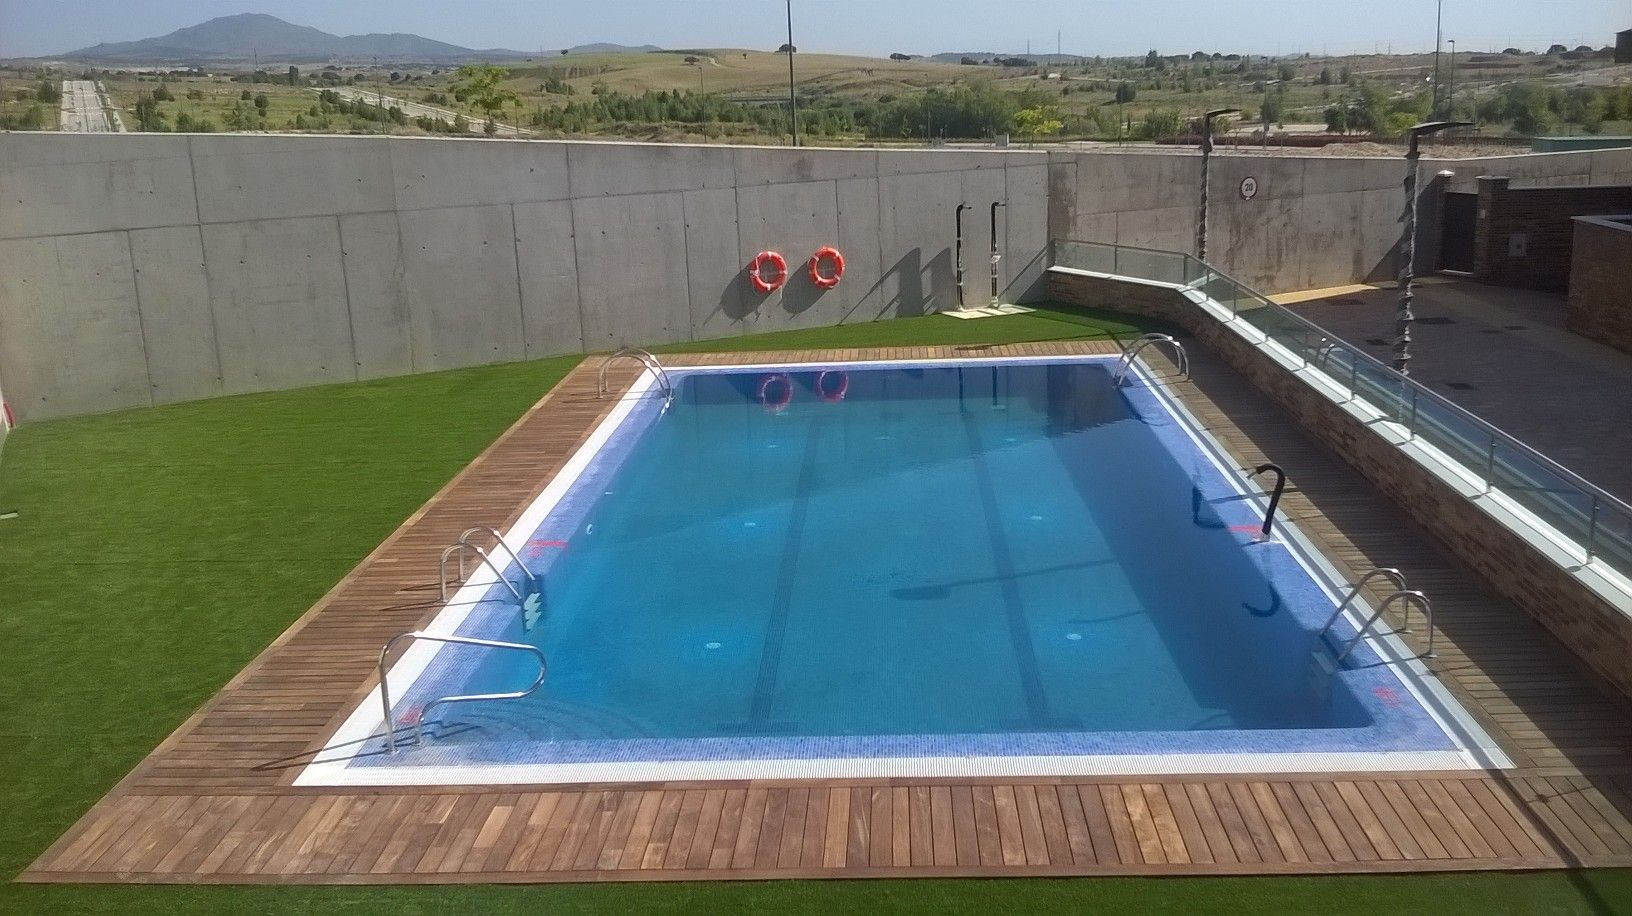 Piscina viviendas en Tres Cantos | piscinas | Pinterest